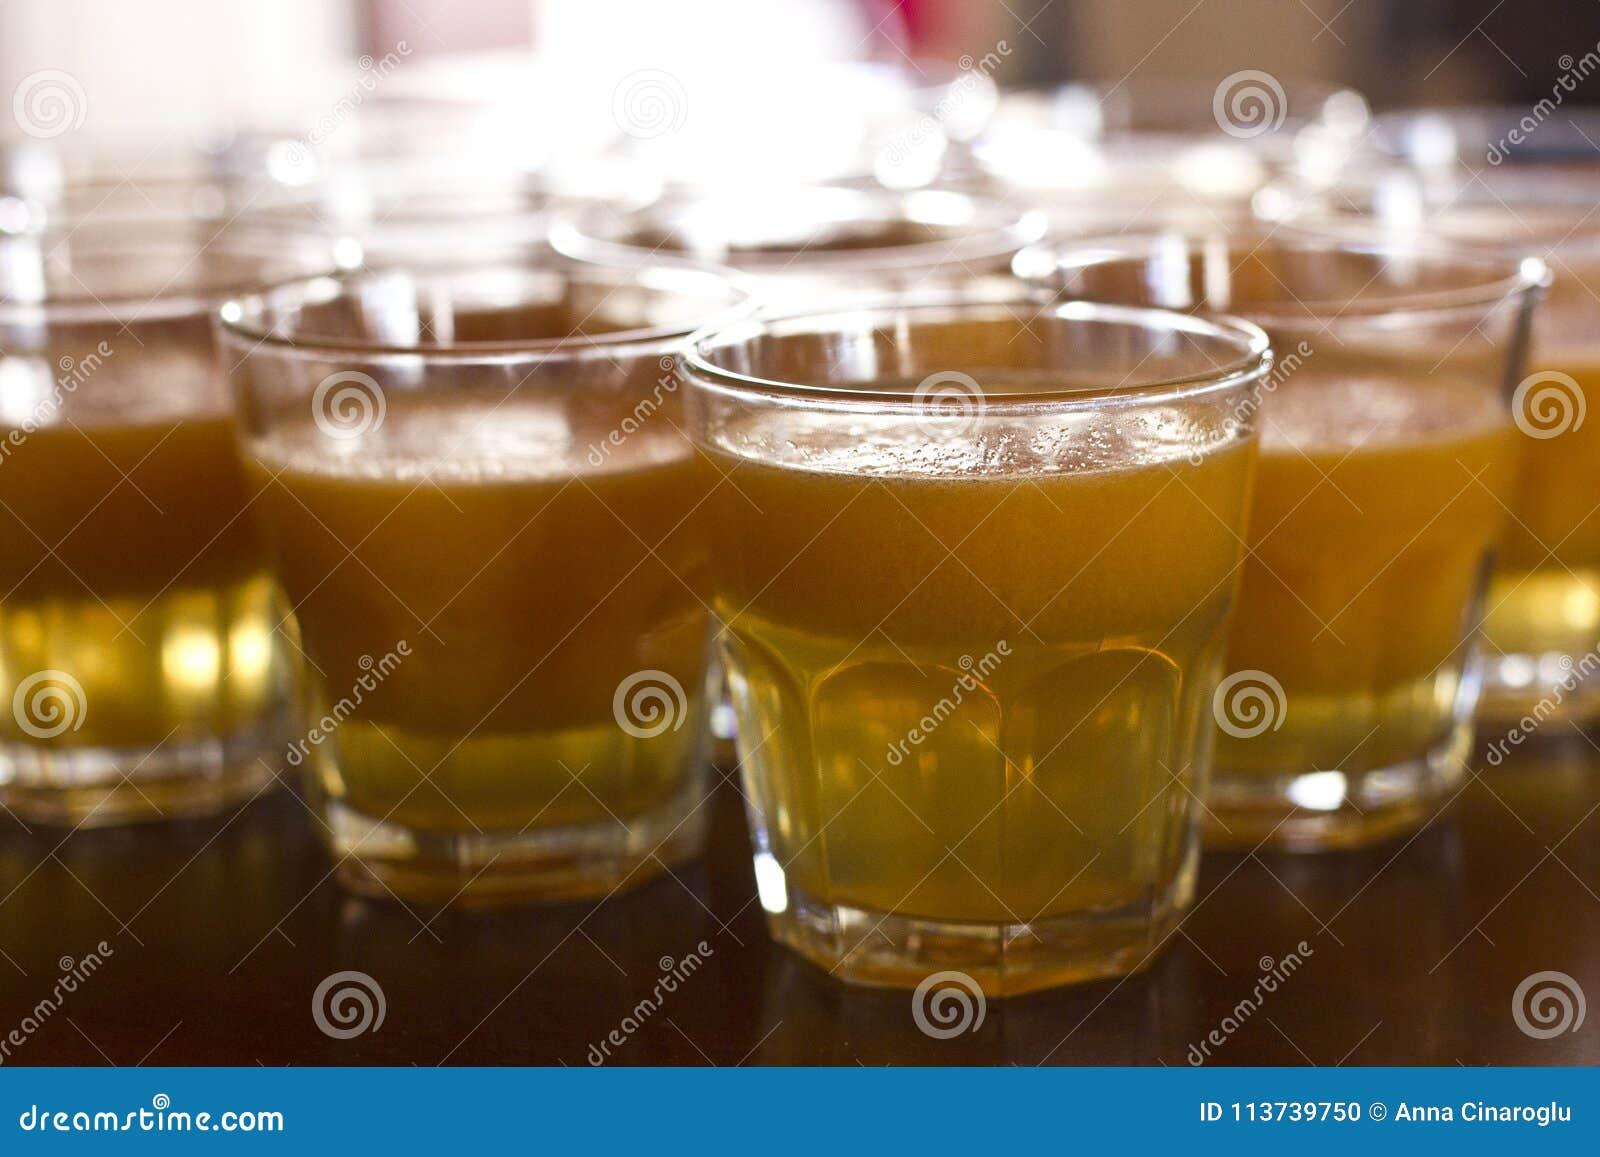 Jugo de la calabaza en un vidrio Zumo de naranja con pulpa